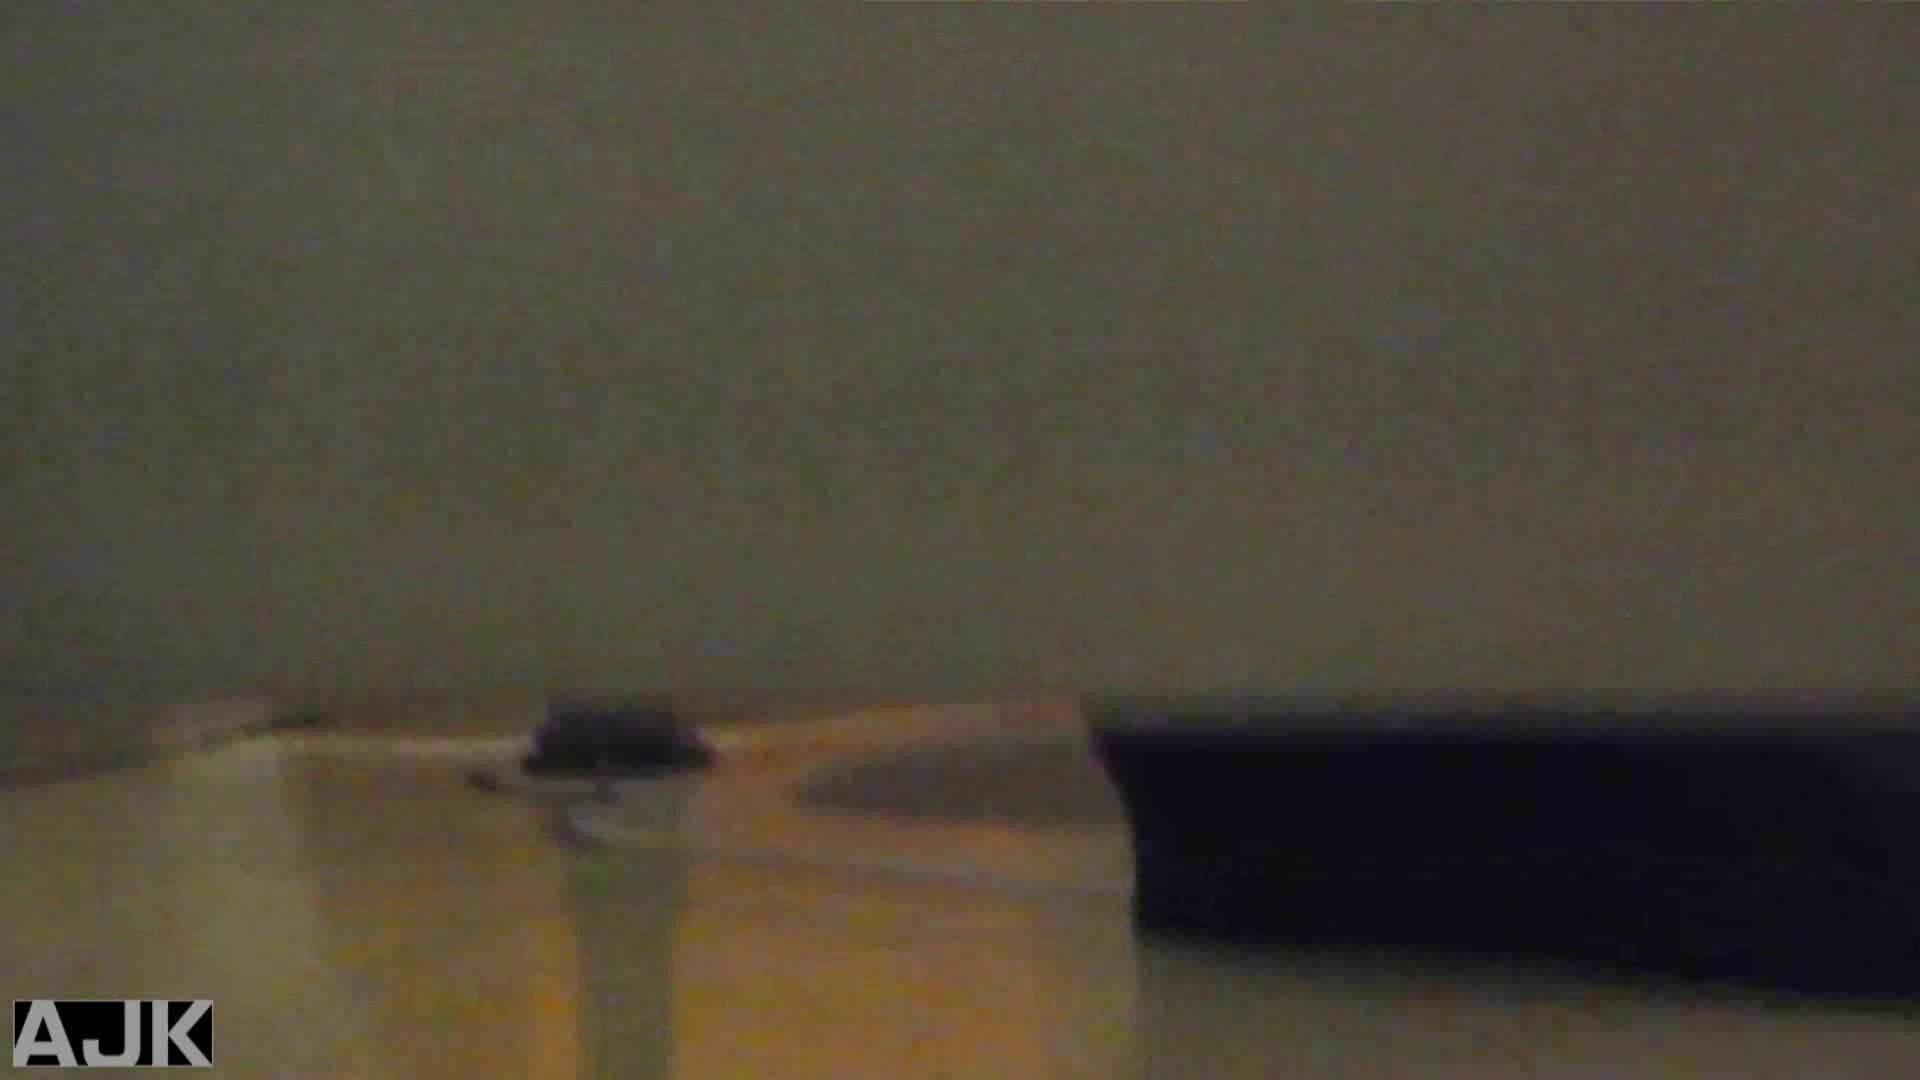 神降臨!史上最強の潜入かわや! vol.08 オマンコ特別編 | 盗撮  79枚 15